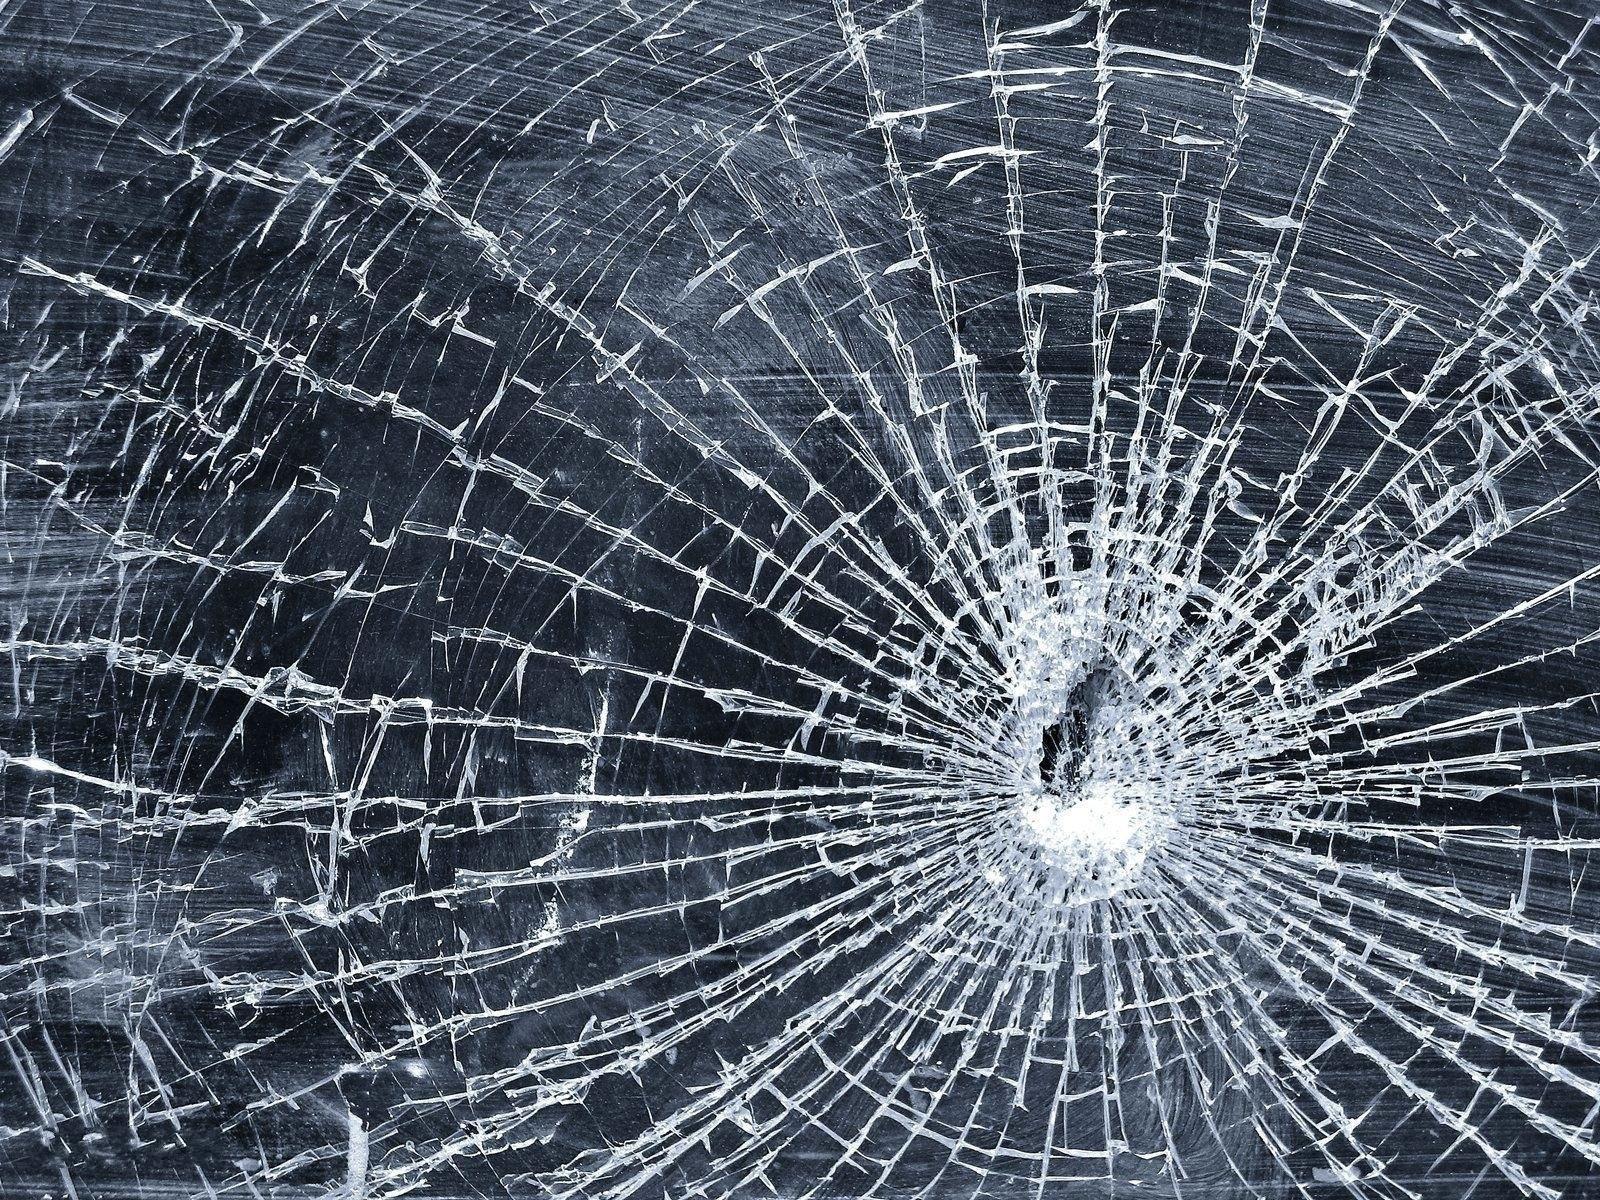 hd-wallpapers-cracked-screen-wallpaper-download-broken-glass-arena